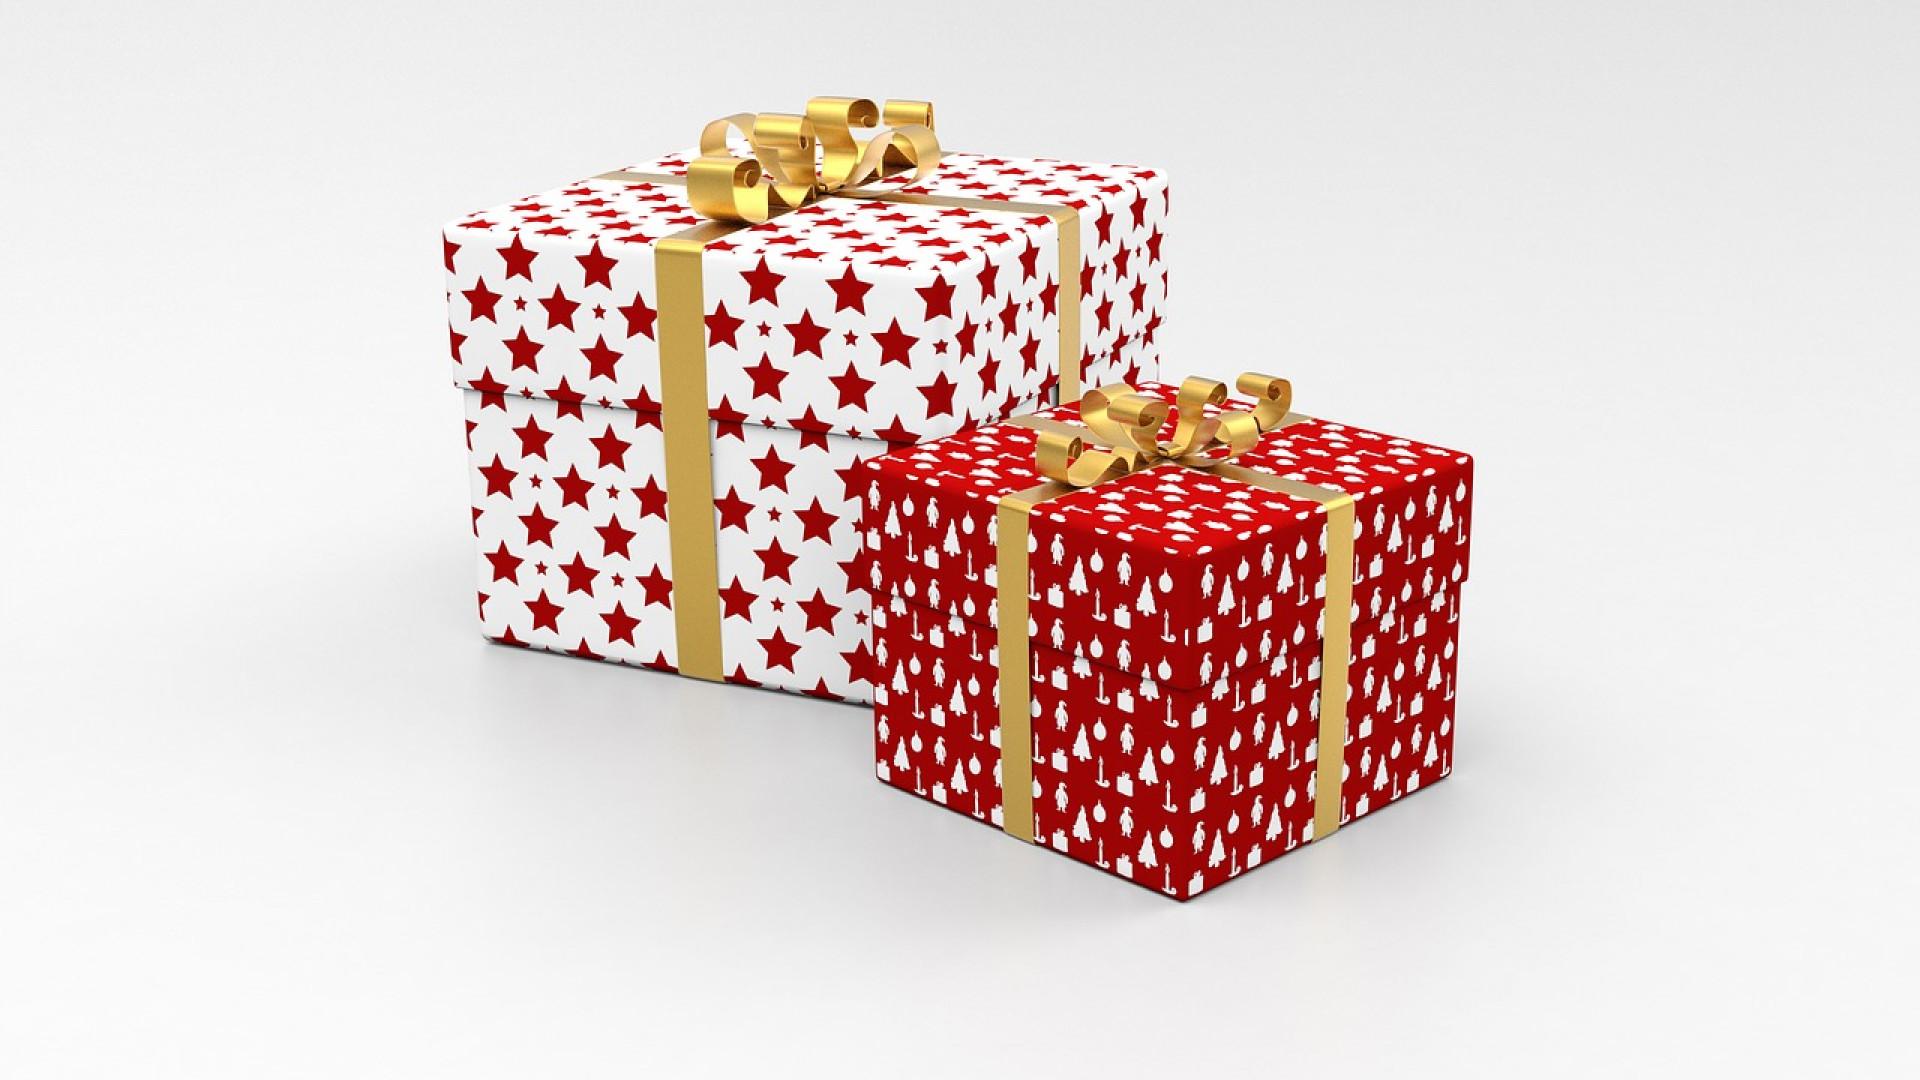 Cadeaux pour hommes, 3 propositions originales